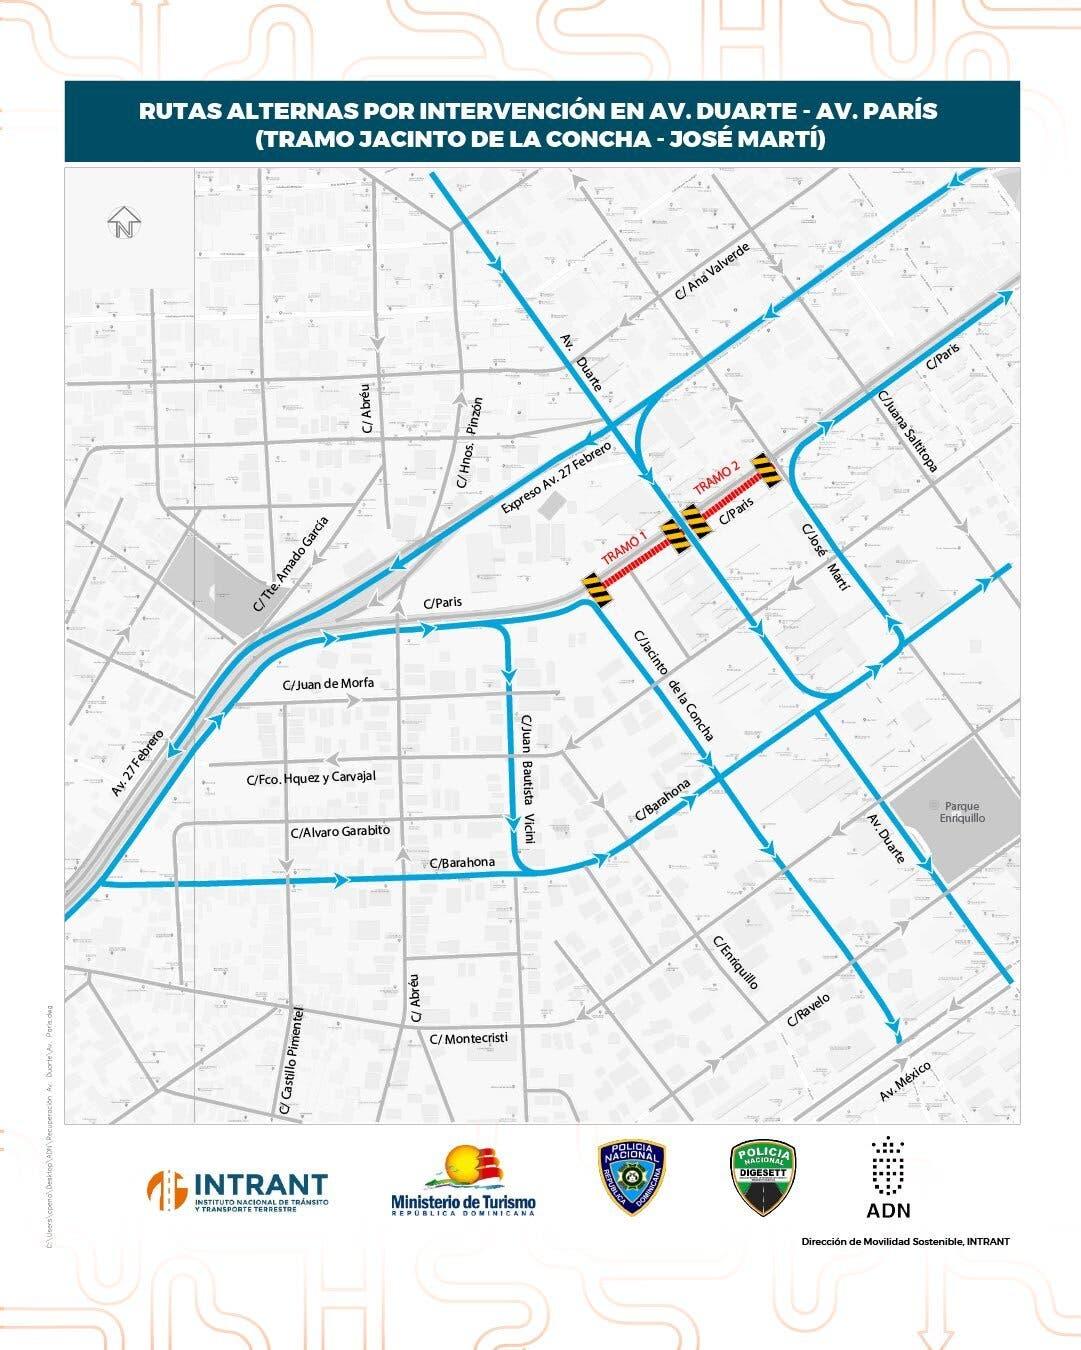 Cierran hoy la avenida Duarte; vea aquí las rutas alternas